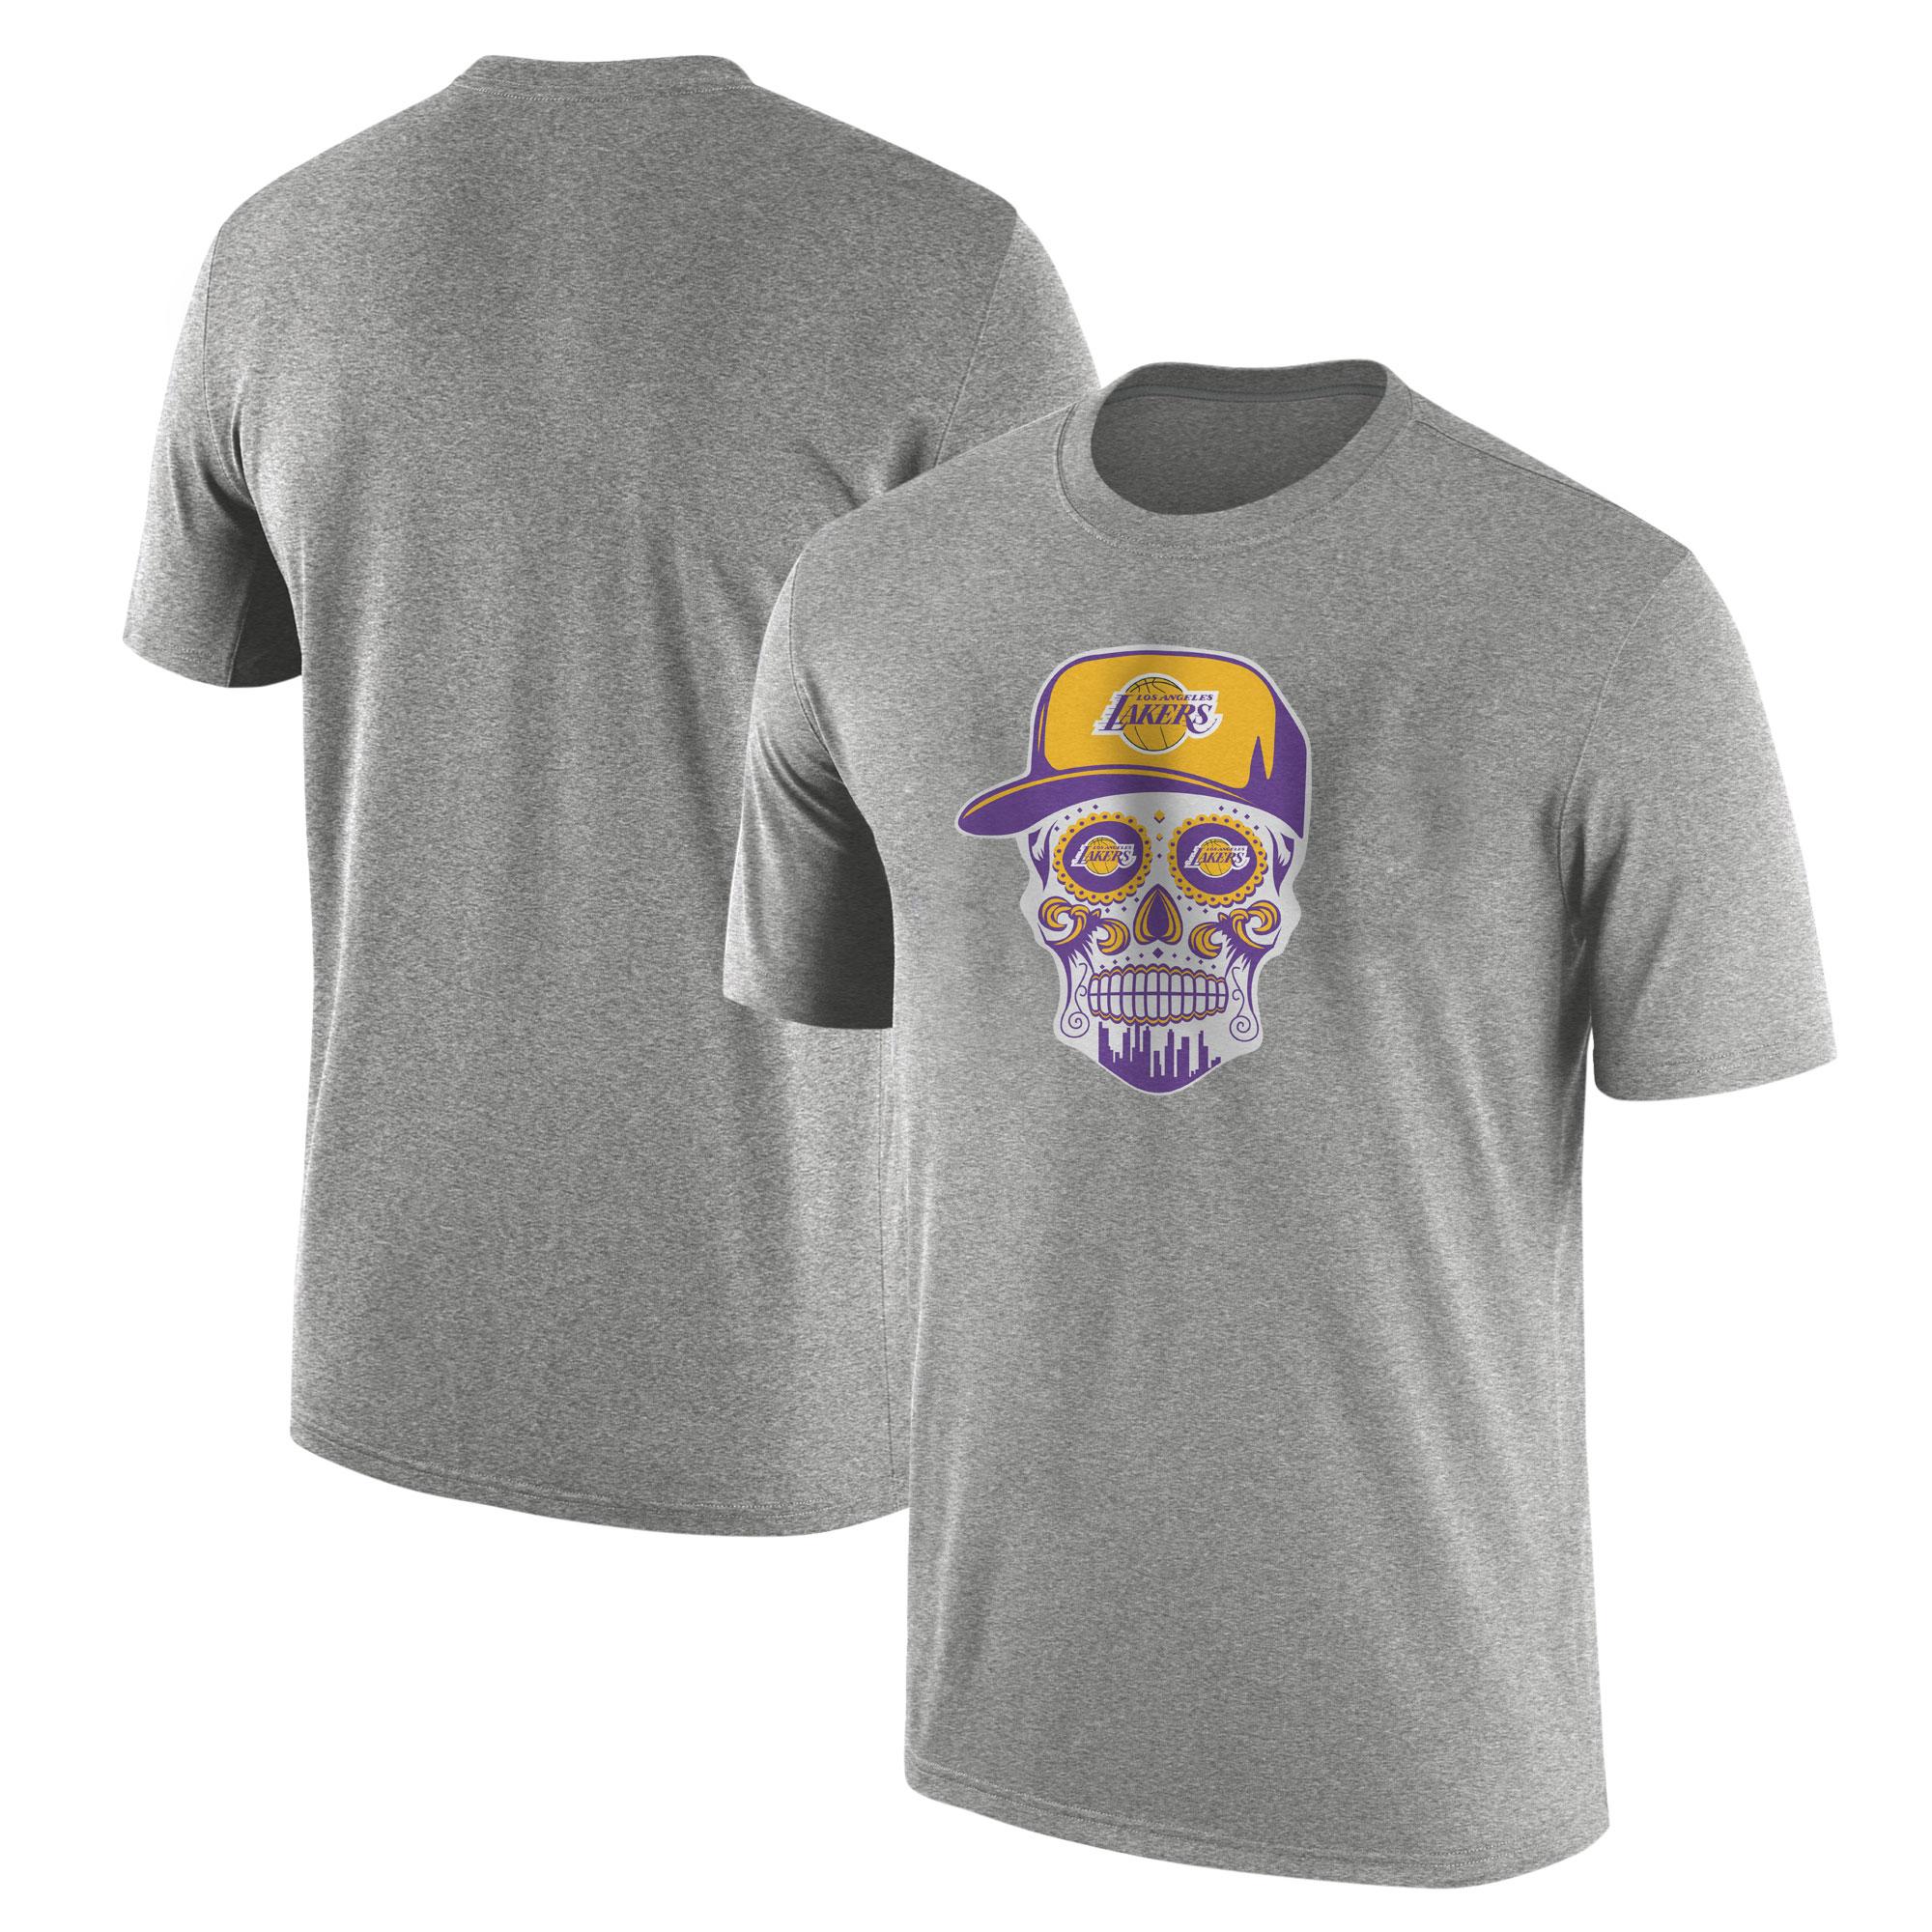 Lakers Skull Tshirt (TSH-GRY-NP-454-NBA-LKRS-SKULL)